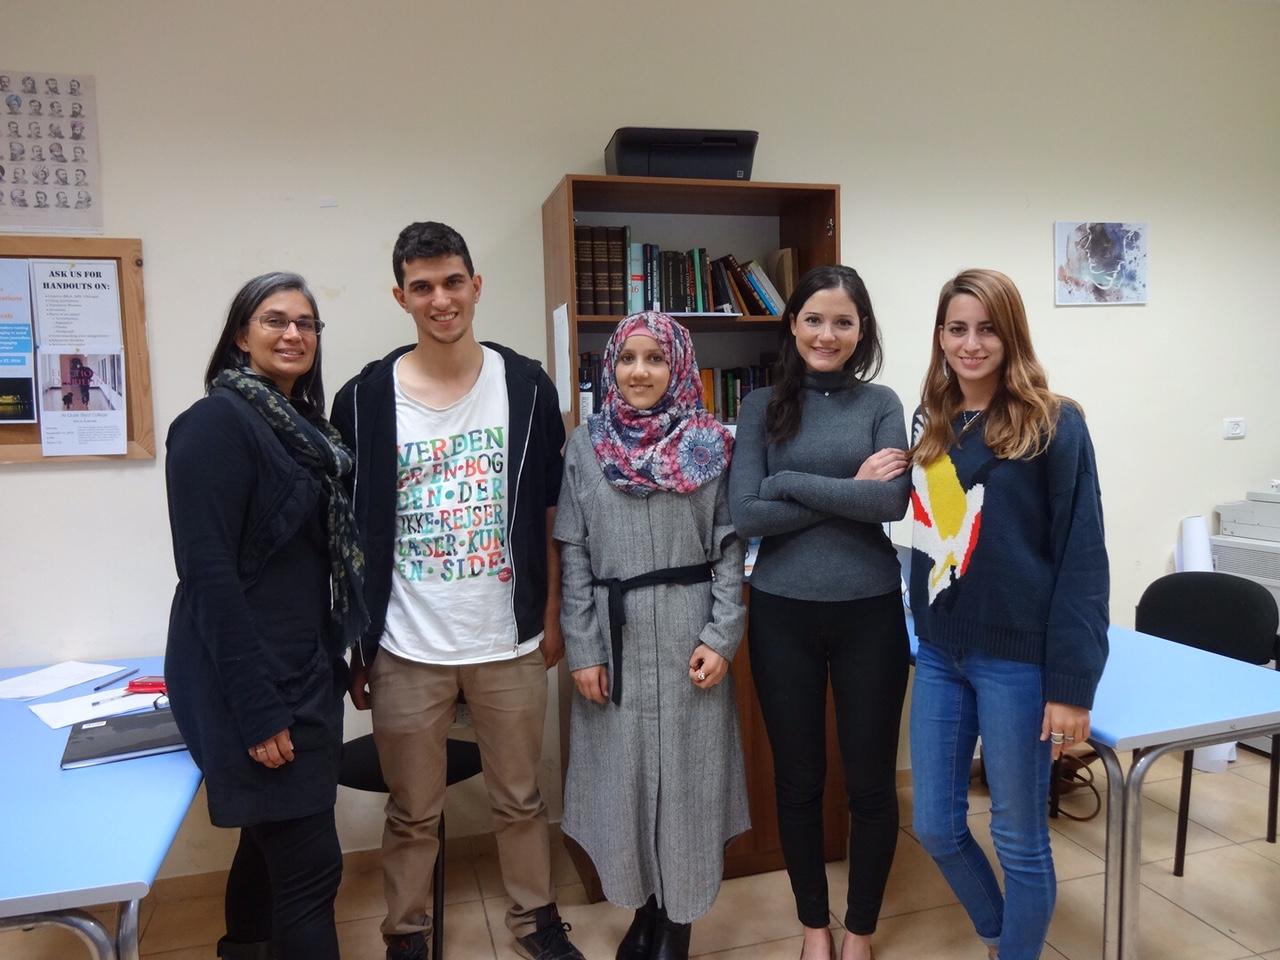 Rashed, Asma, Anne, and Asmera, Al Quds Bard Writing Fellows